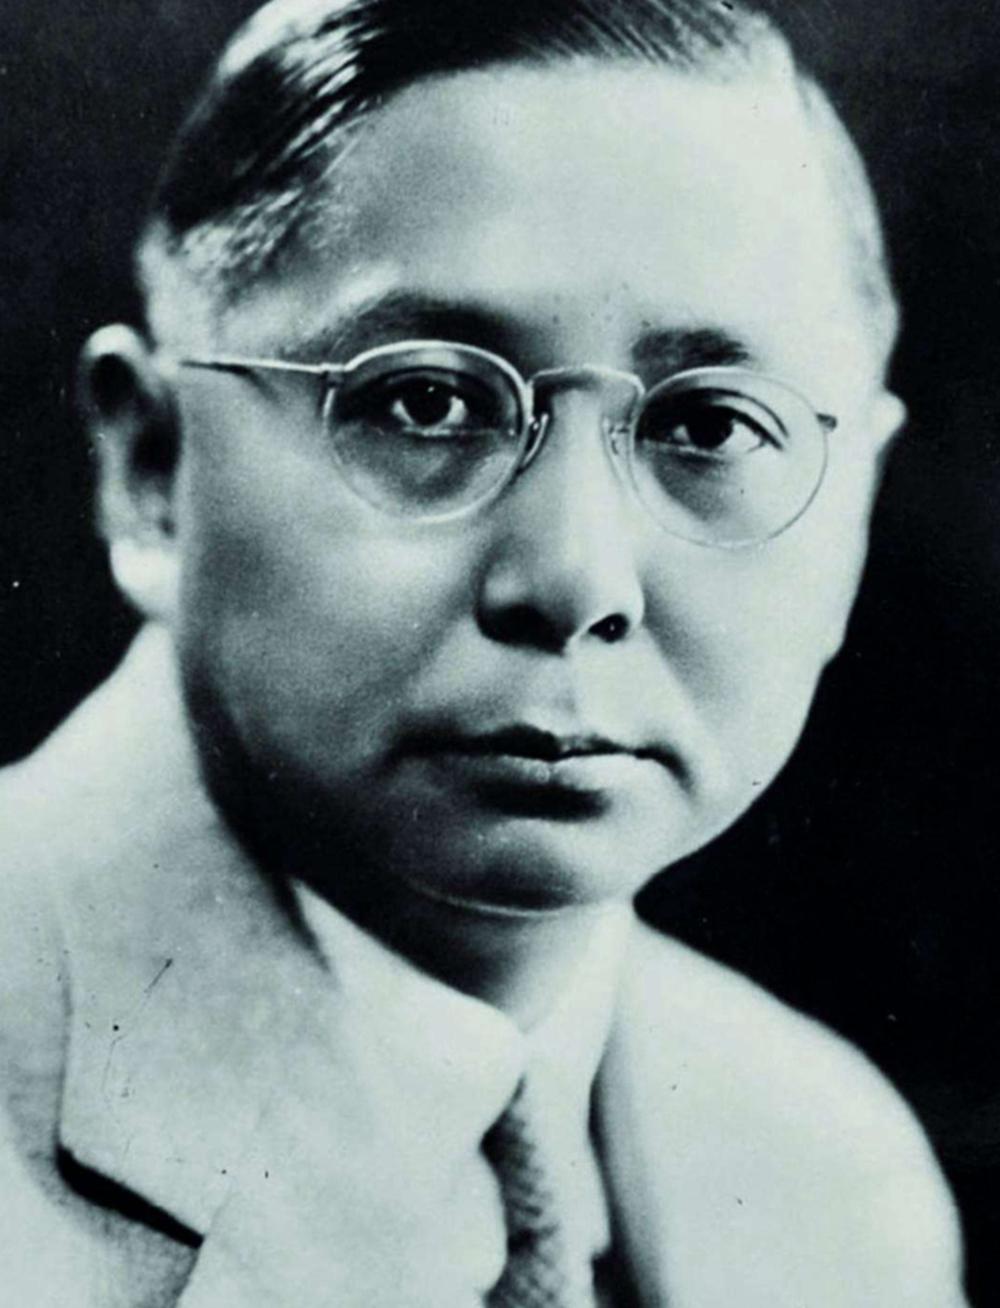 孙科明明是孙中山的儿子,为什么没有跟随国民党到台湾?